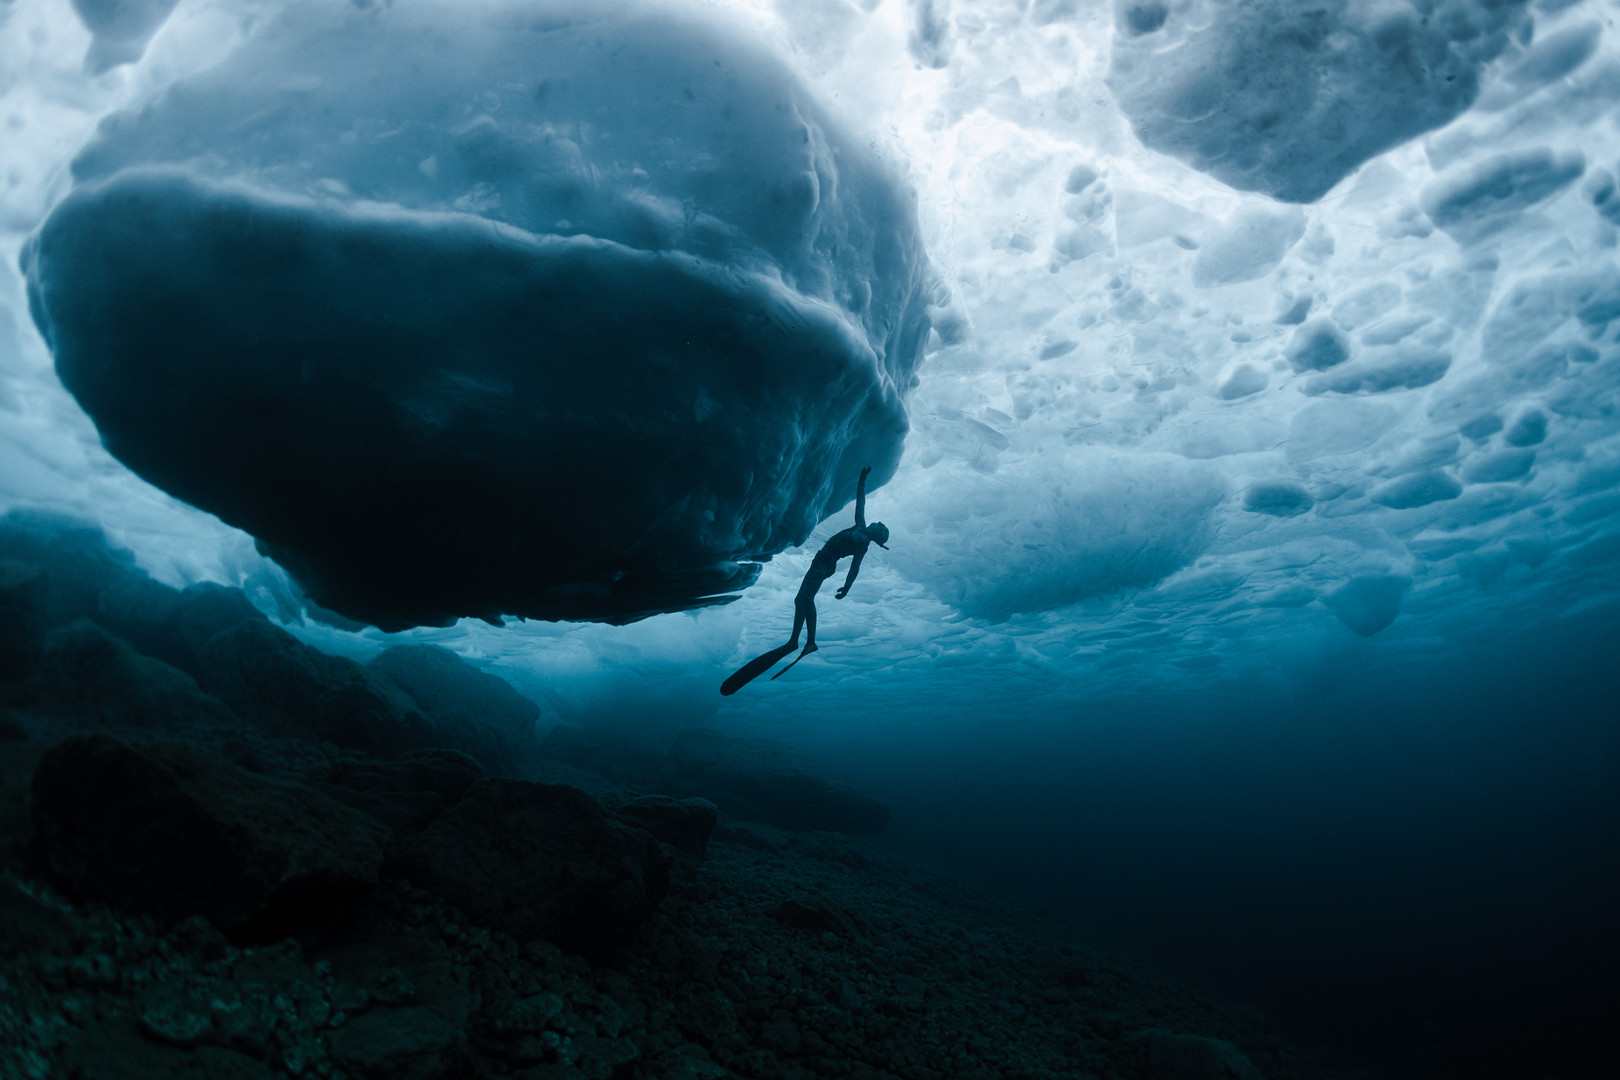 Andrew with giant iceberg